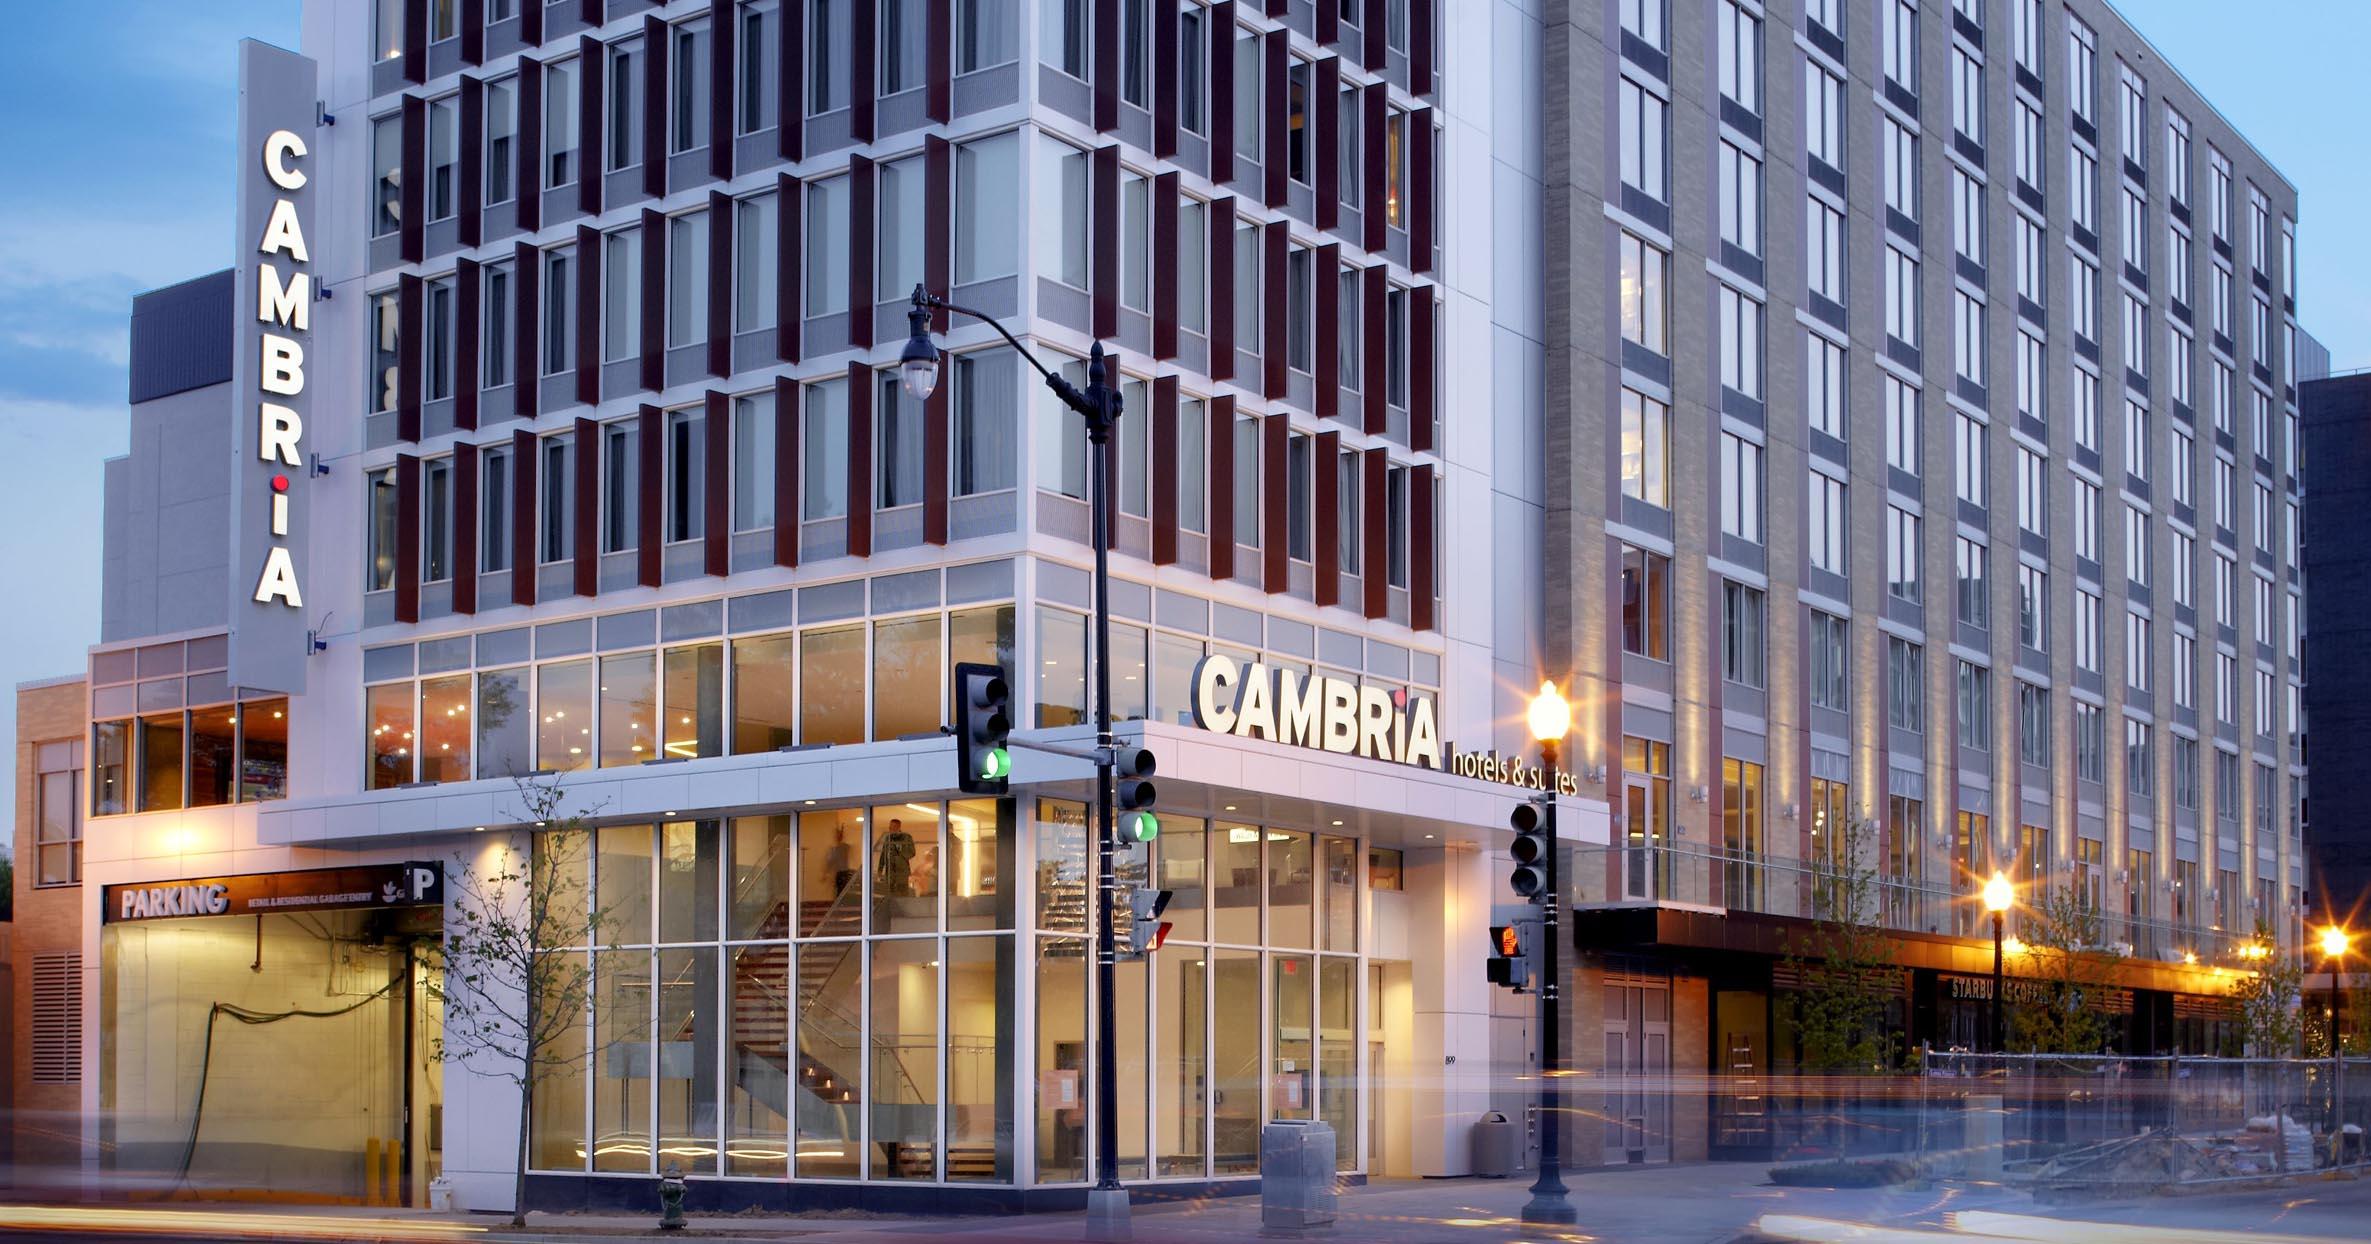 Cambria Hotel Chicago Room Service